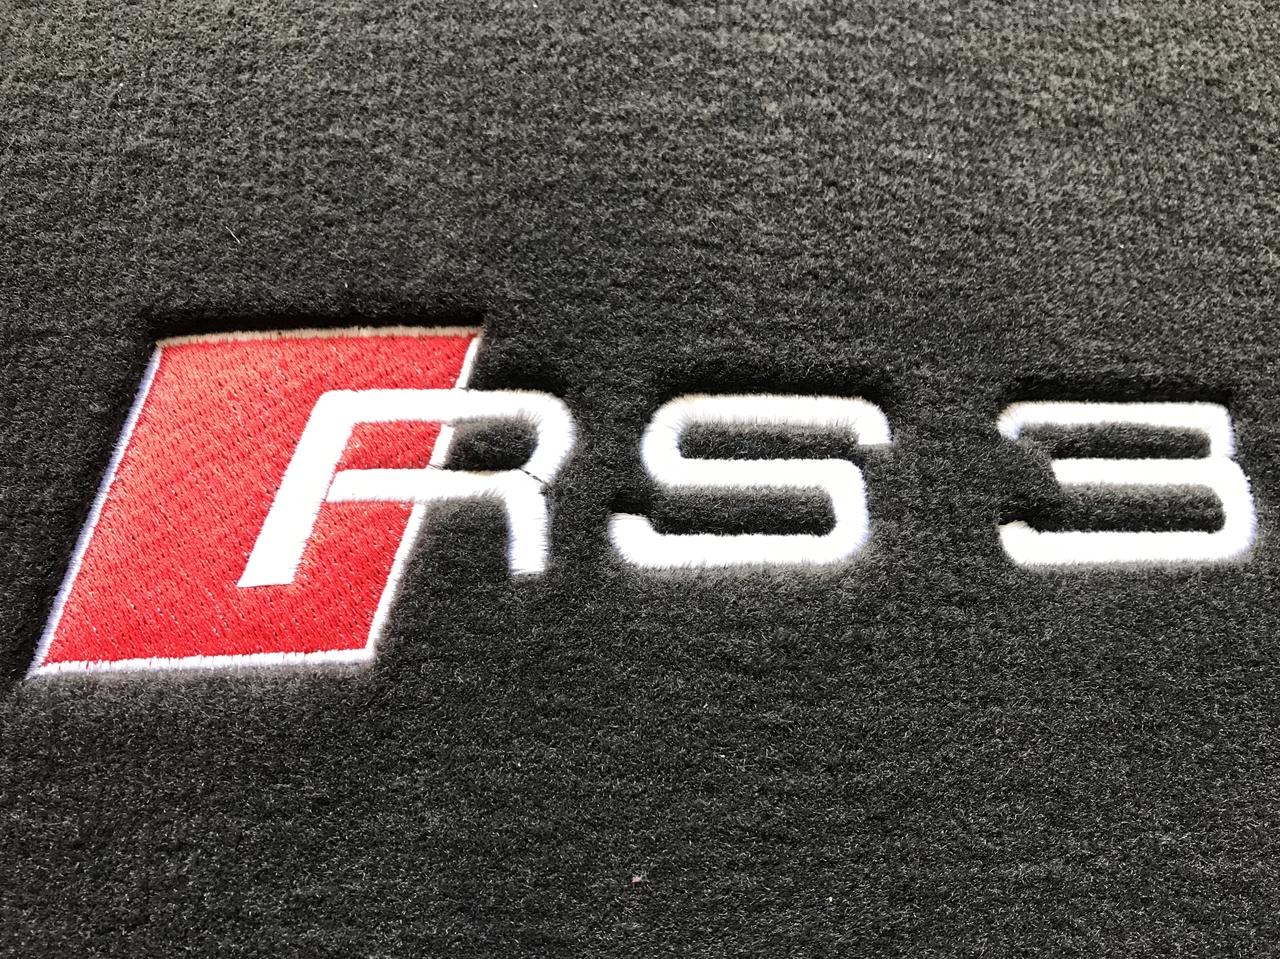 0FD19A52-F2DA-4F8D-962D-73B4E1D0D7ED.thumb.jpeg.2a838039ba13055140d56478ae8f2d02.jpeg